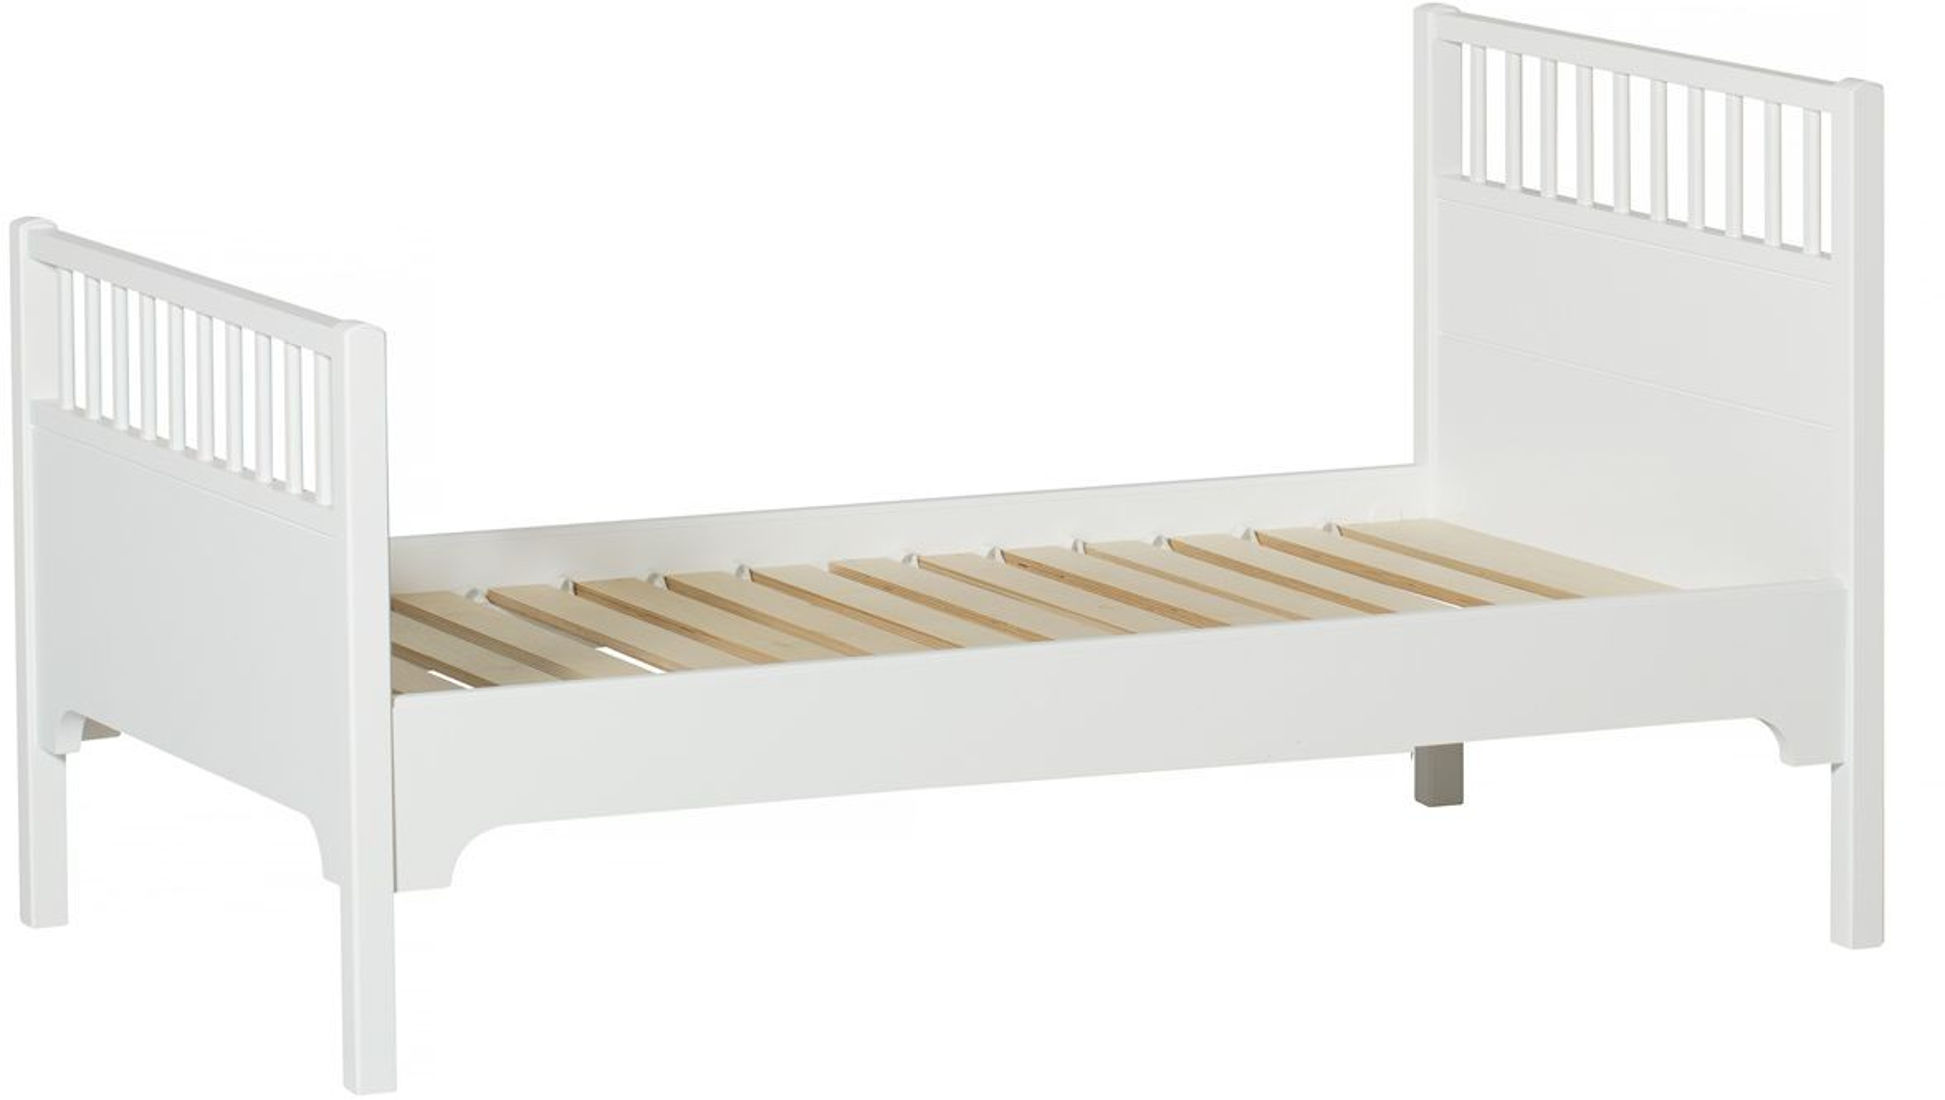 Etagenbett Oliver Furniture : Oliver furniture seaside junior office table white diddle